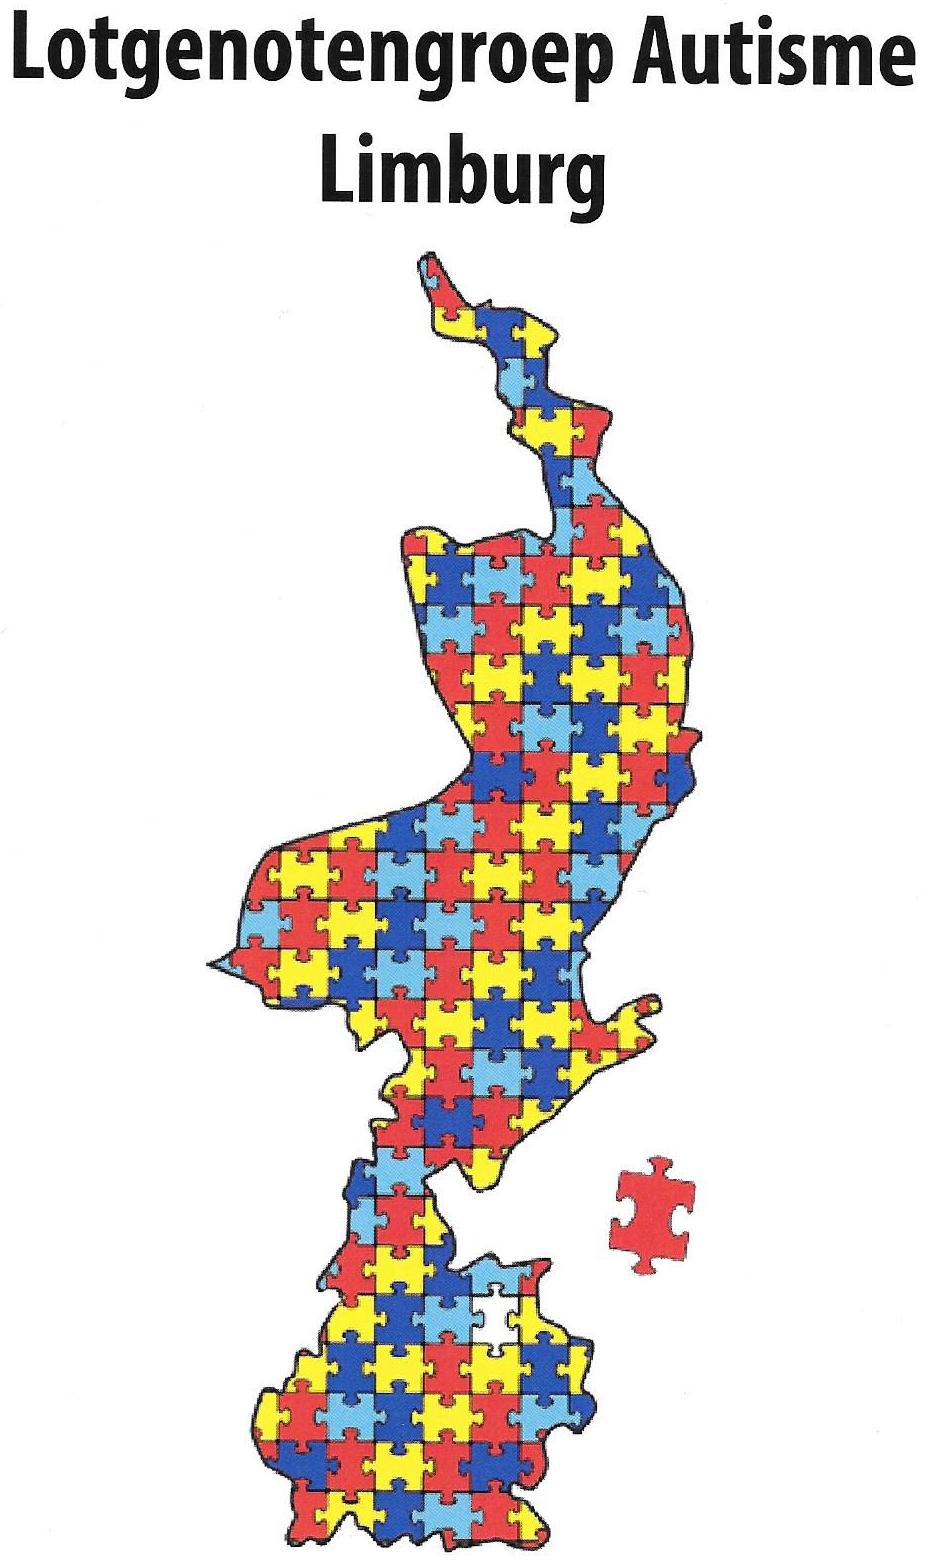 Limburg logo